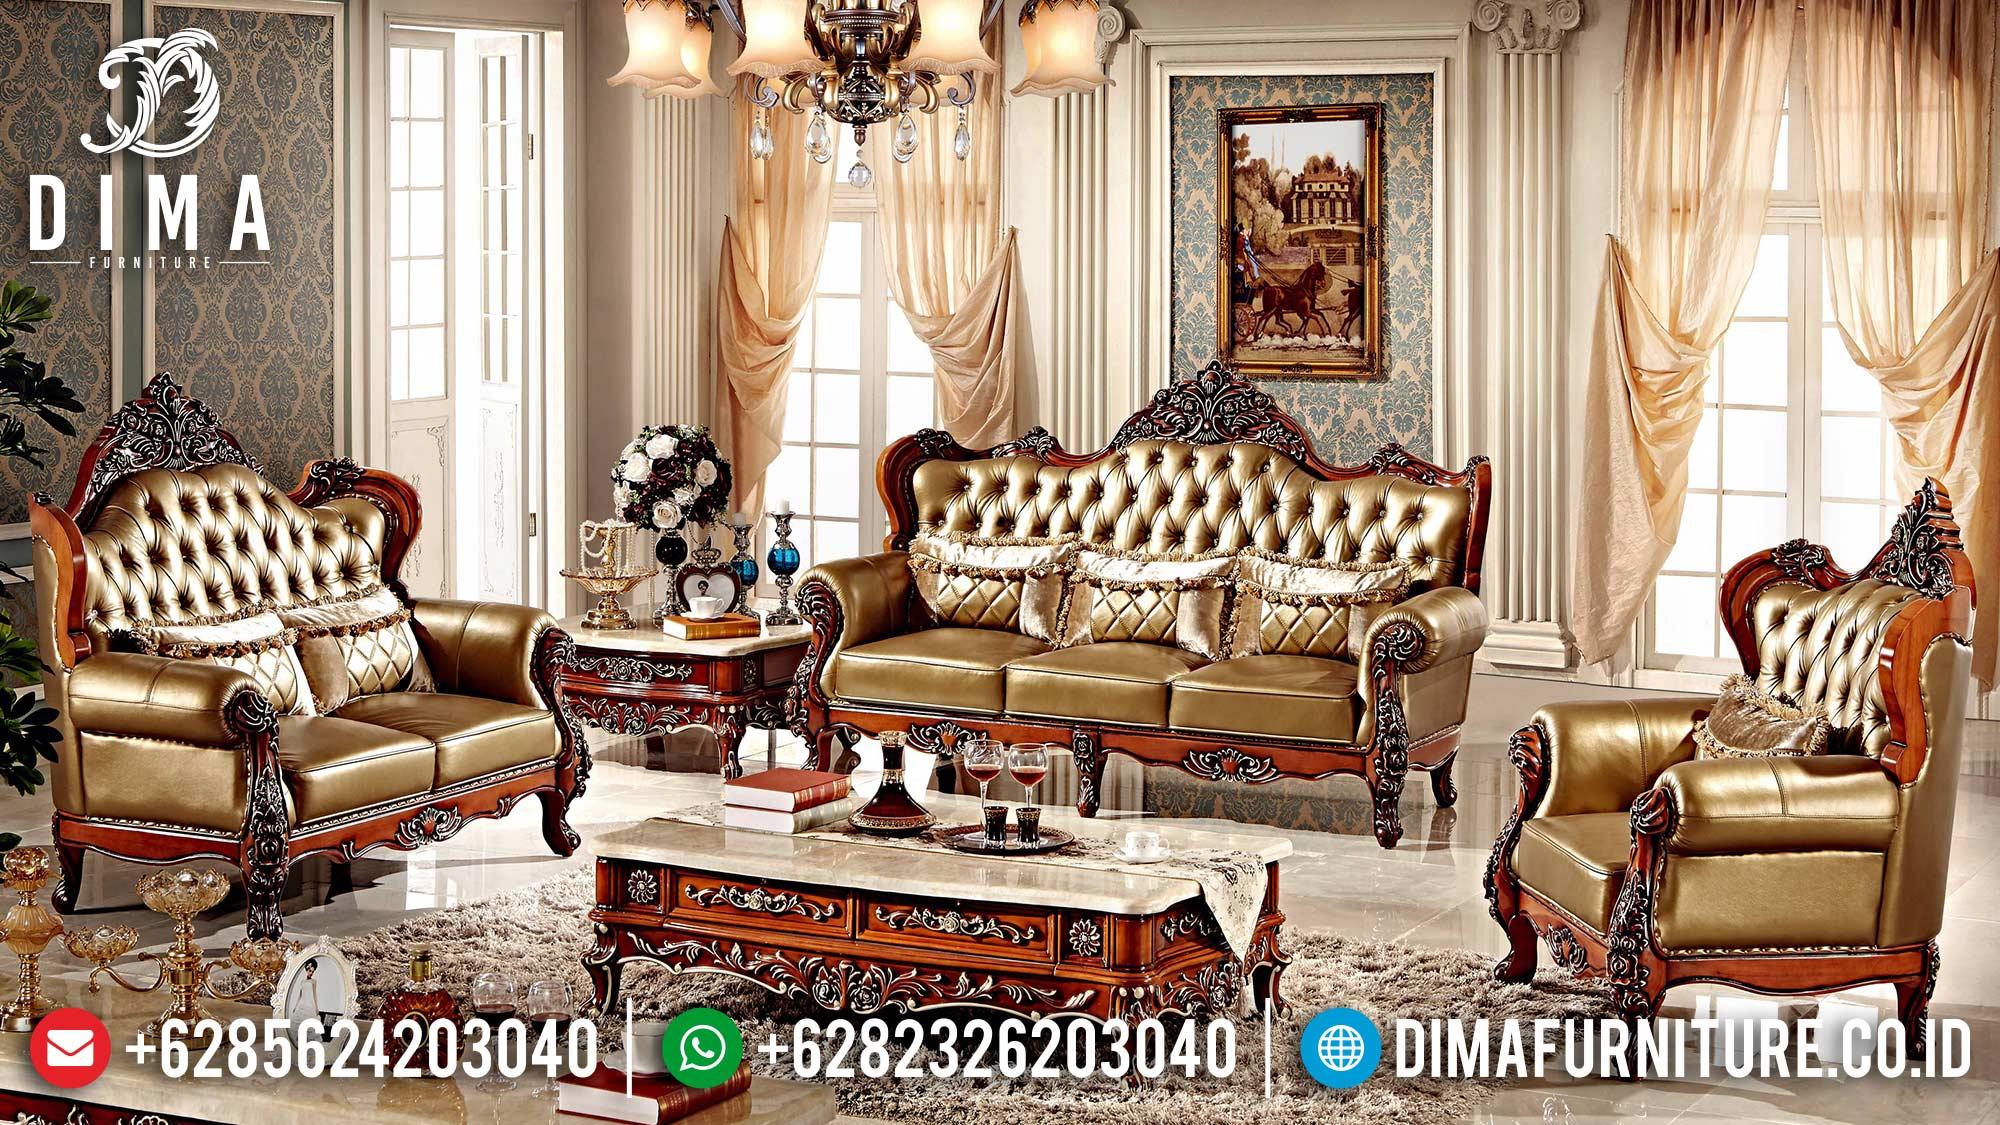 Desain Sofa Tamu Mewah Jepara Luxurious Sets Natural Jati Perhutani ST-1347